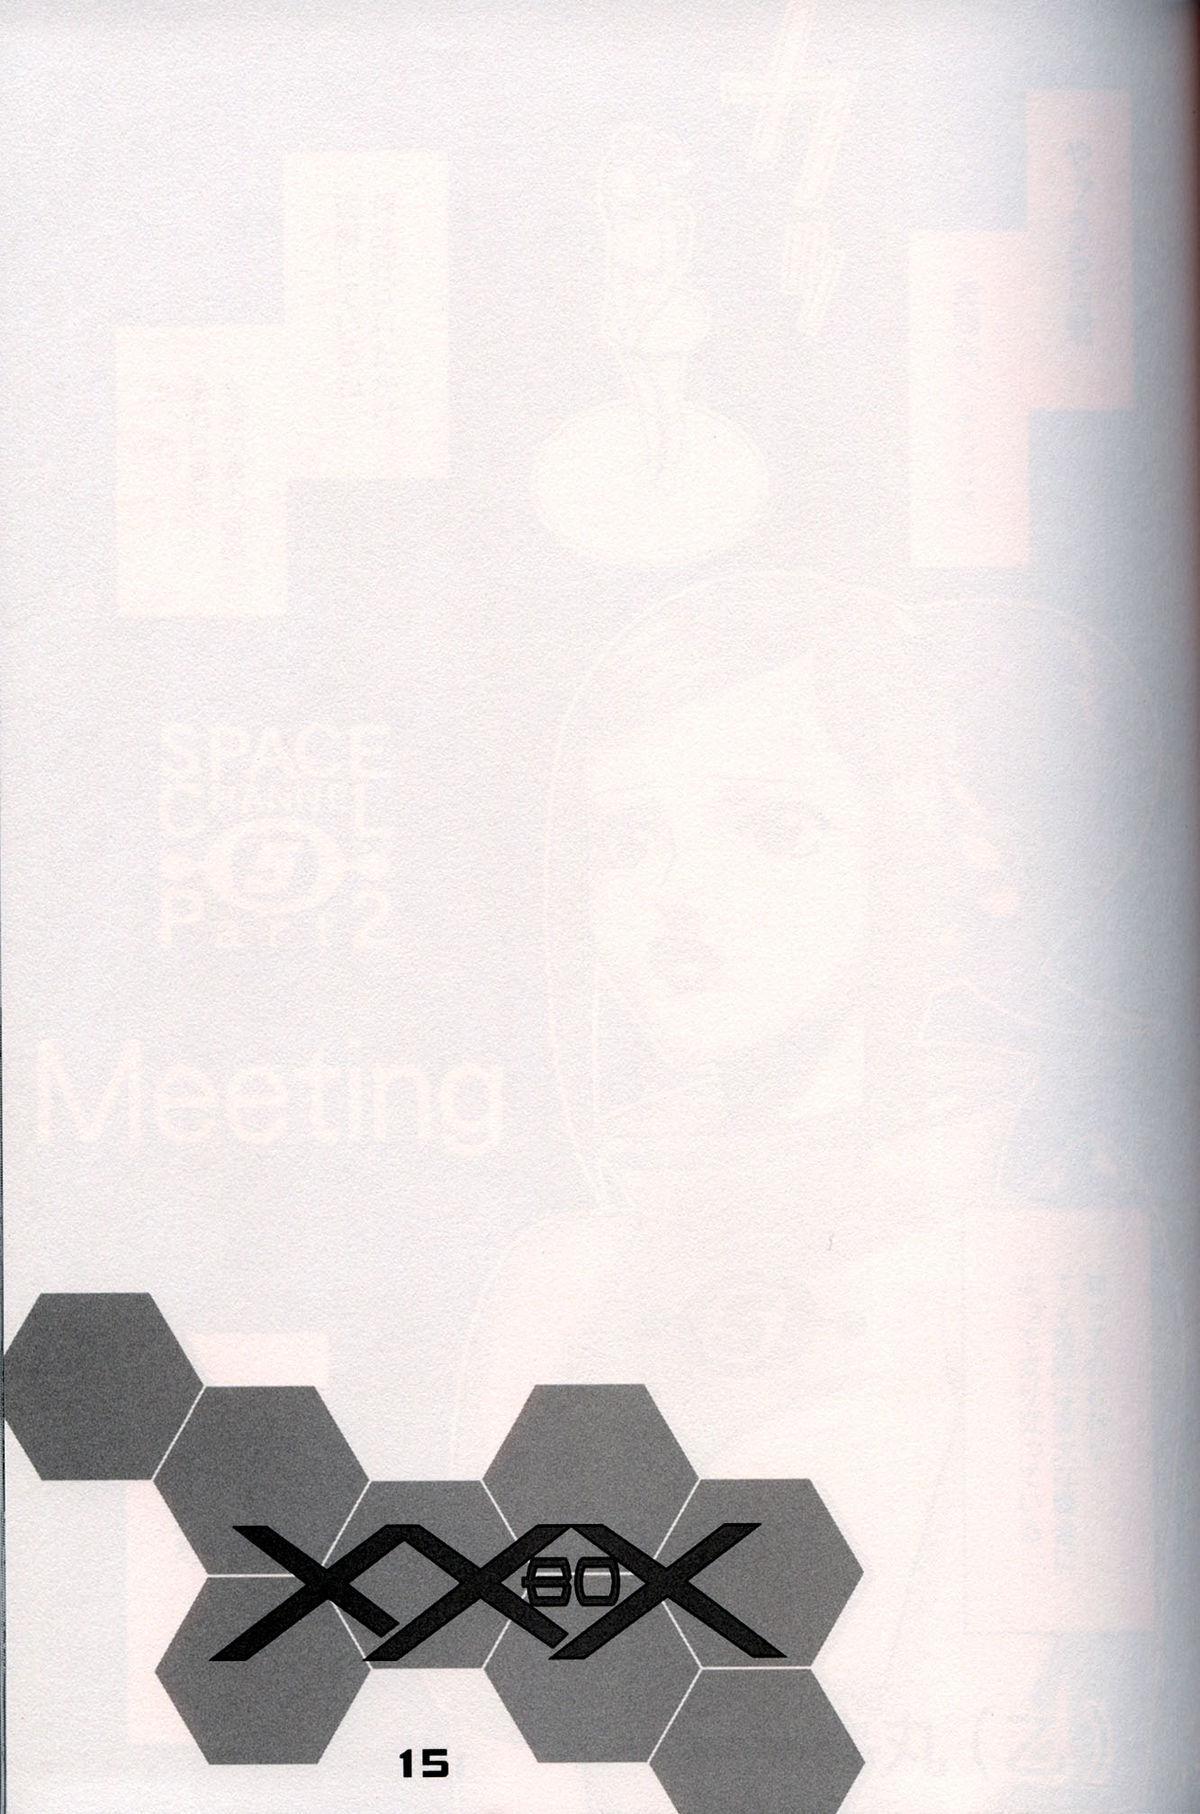 XXBOX 13